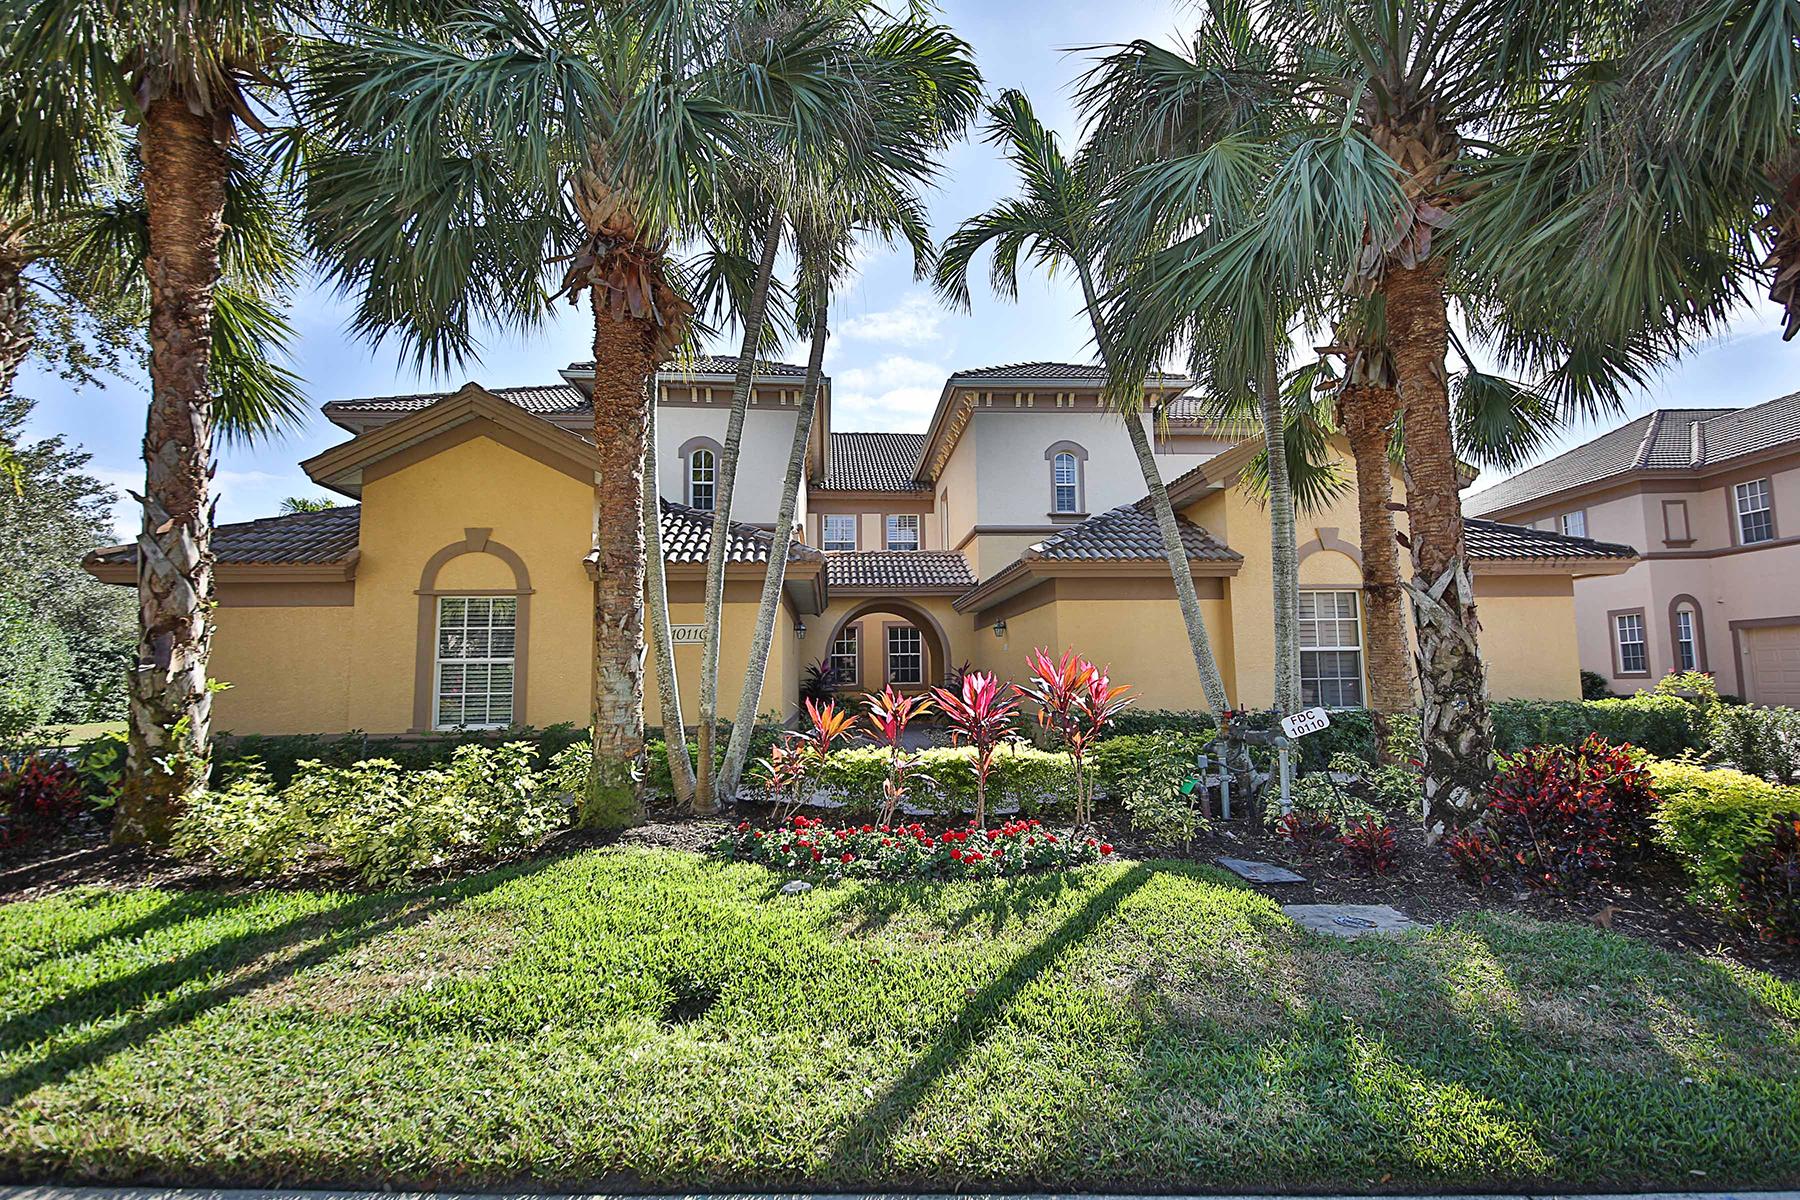 タウンハウス のために 売買 アット MIROMAR LAKES - VALENCIA 10110 Valiant Ct 201, Miromar Lakes, フロリダ, 33913 アメリカ合衆国